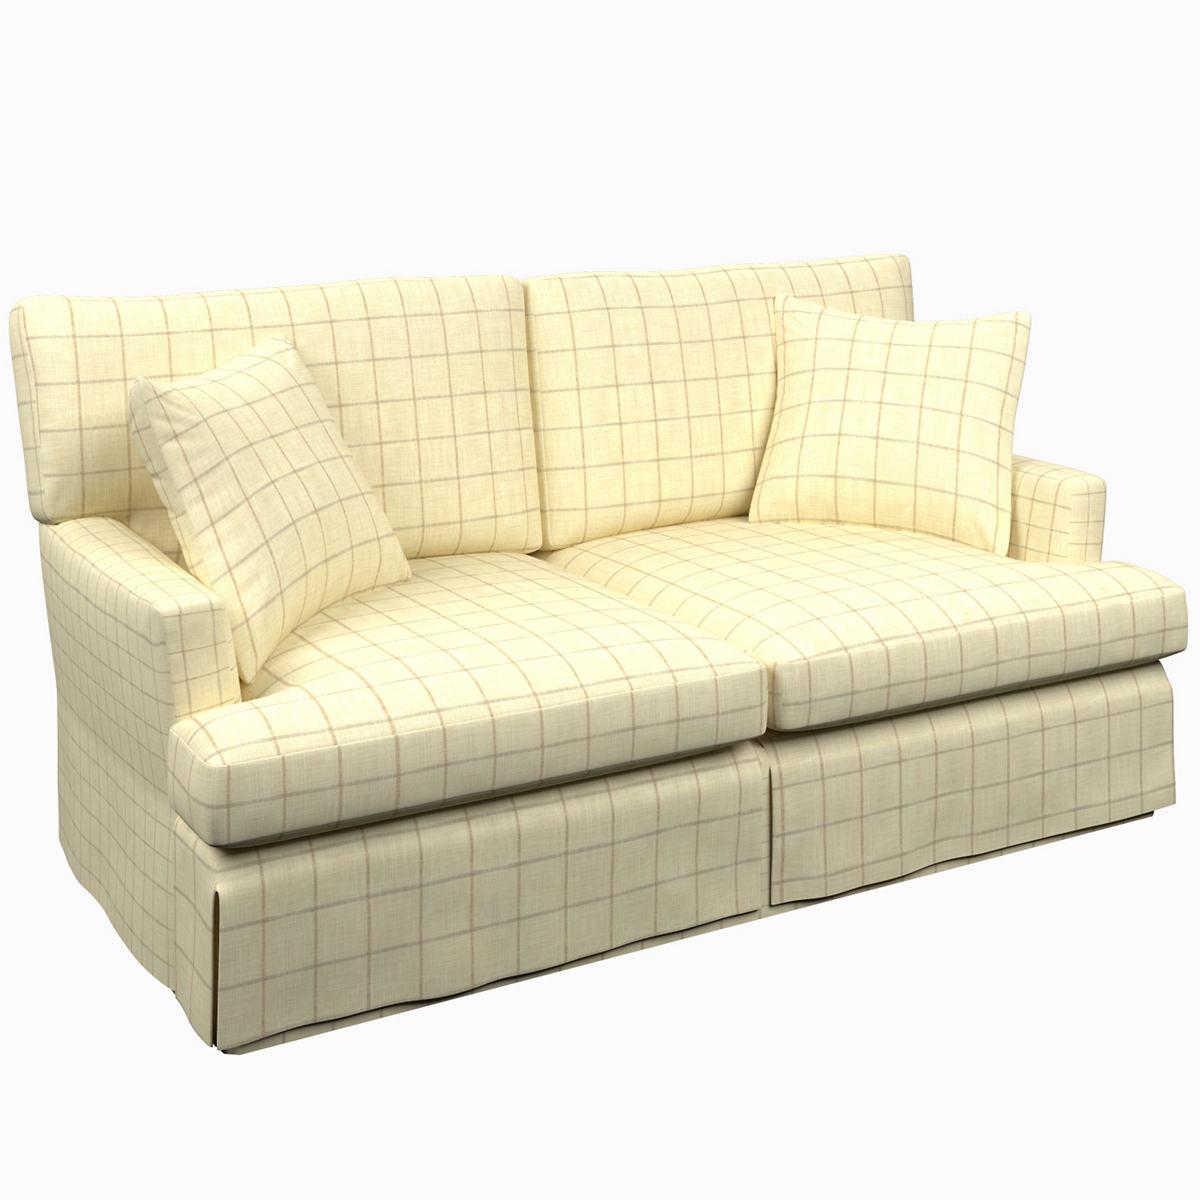 Chatham Tattersall Natural/Grey Saybrook 2 Seater Slipcovered Sofa